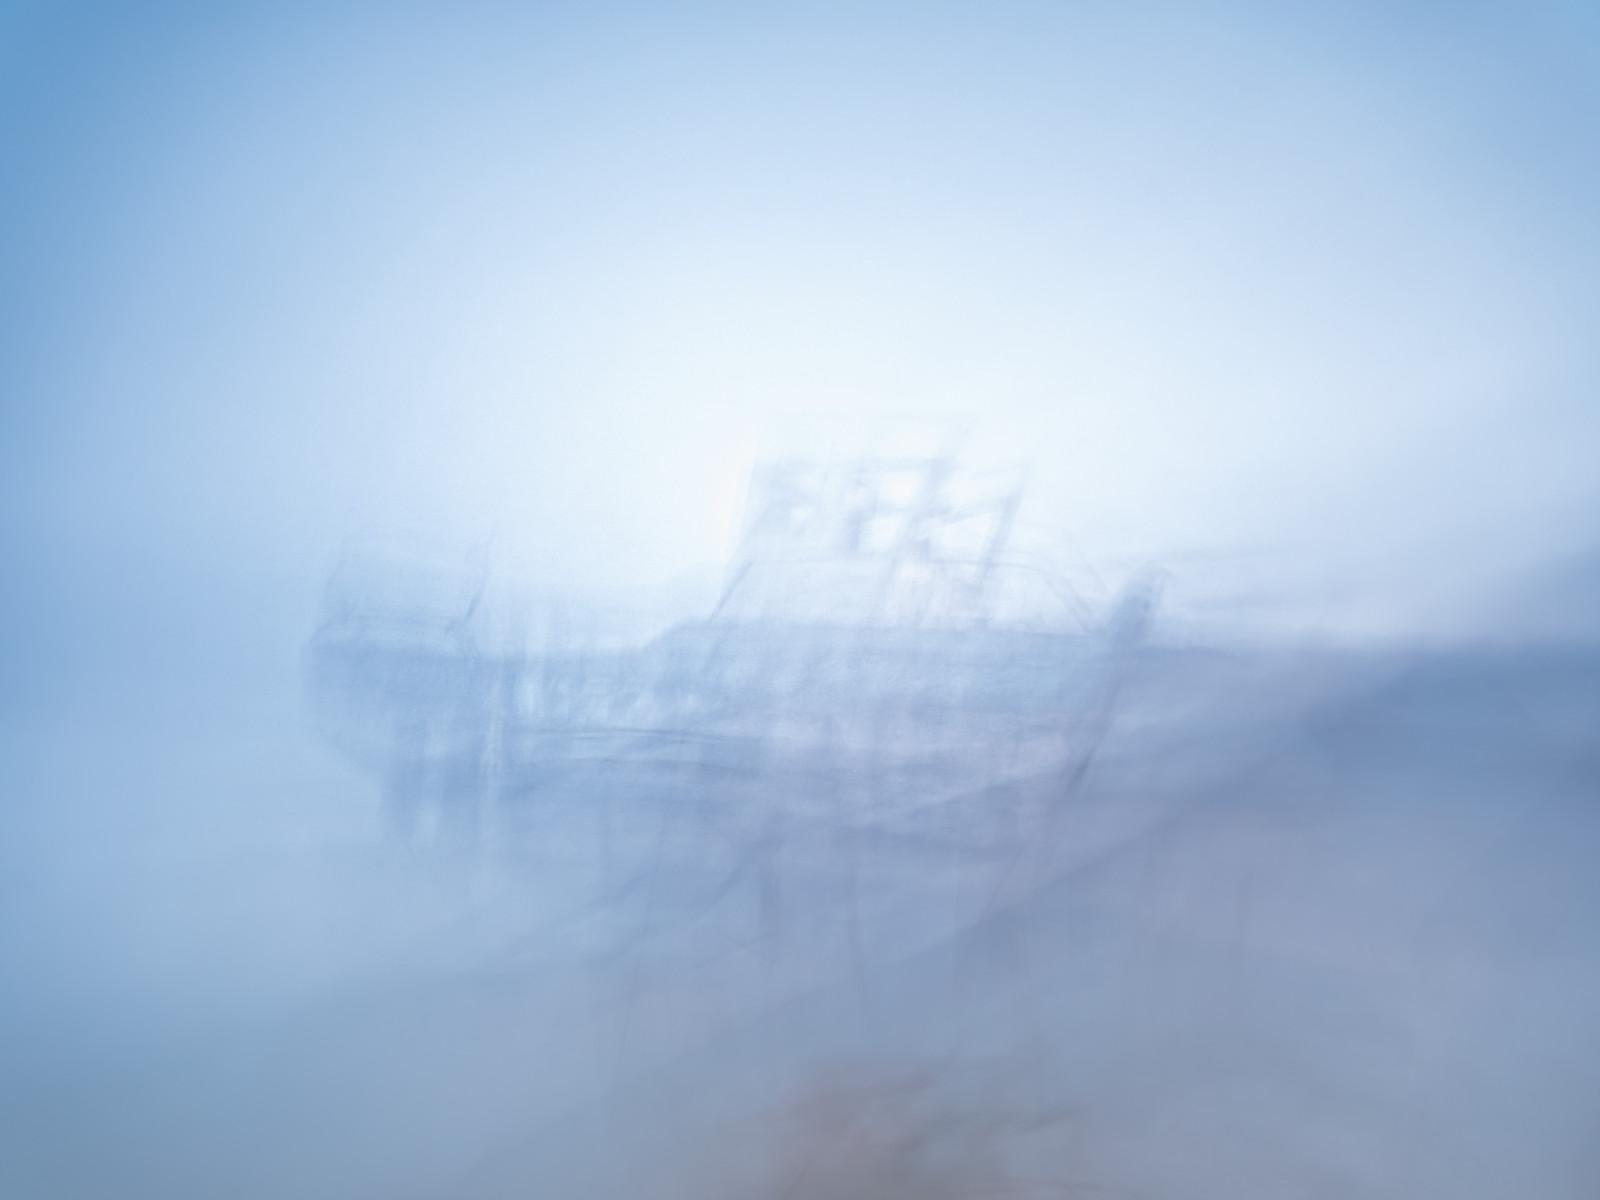 abstract, abstrait, art, Bretagne, Brittany, cauchemar, dream, etrange, fine art, ICM, intentional camera movement, landscape, paint, paysage, peinture, reve, seascape, strange, trouble